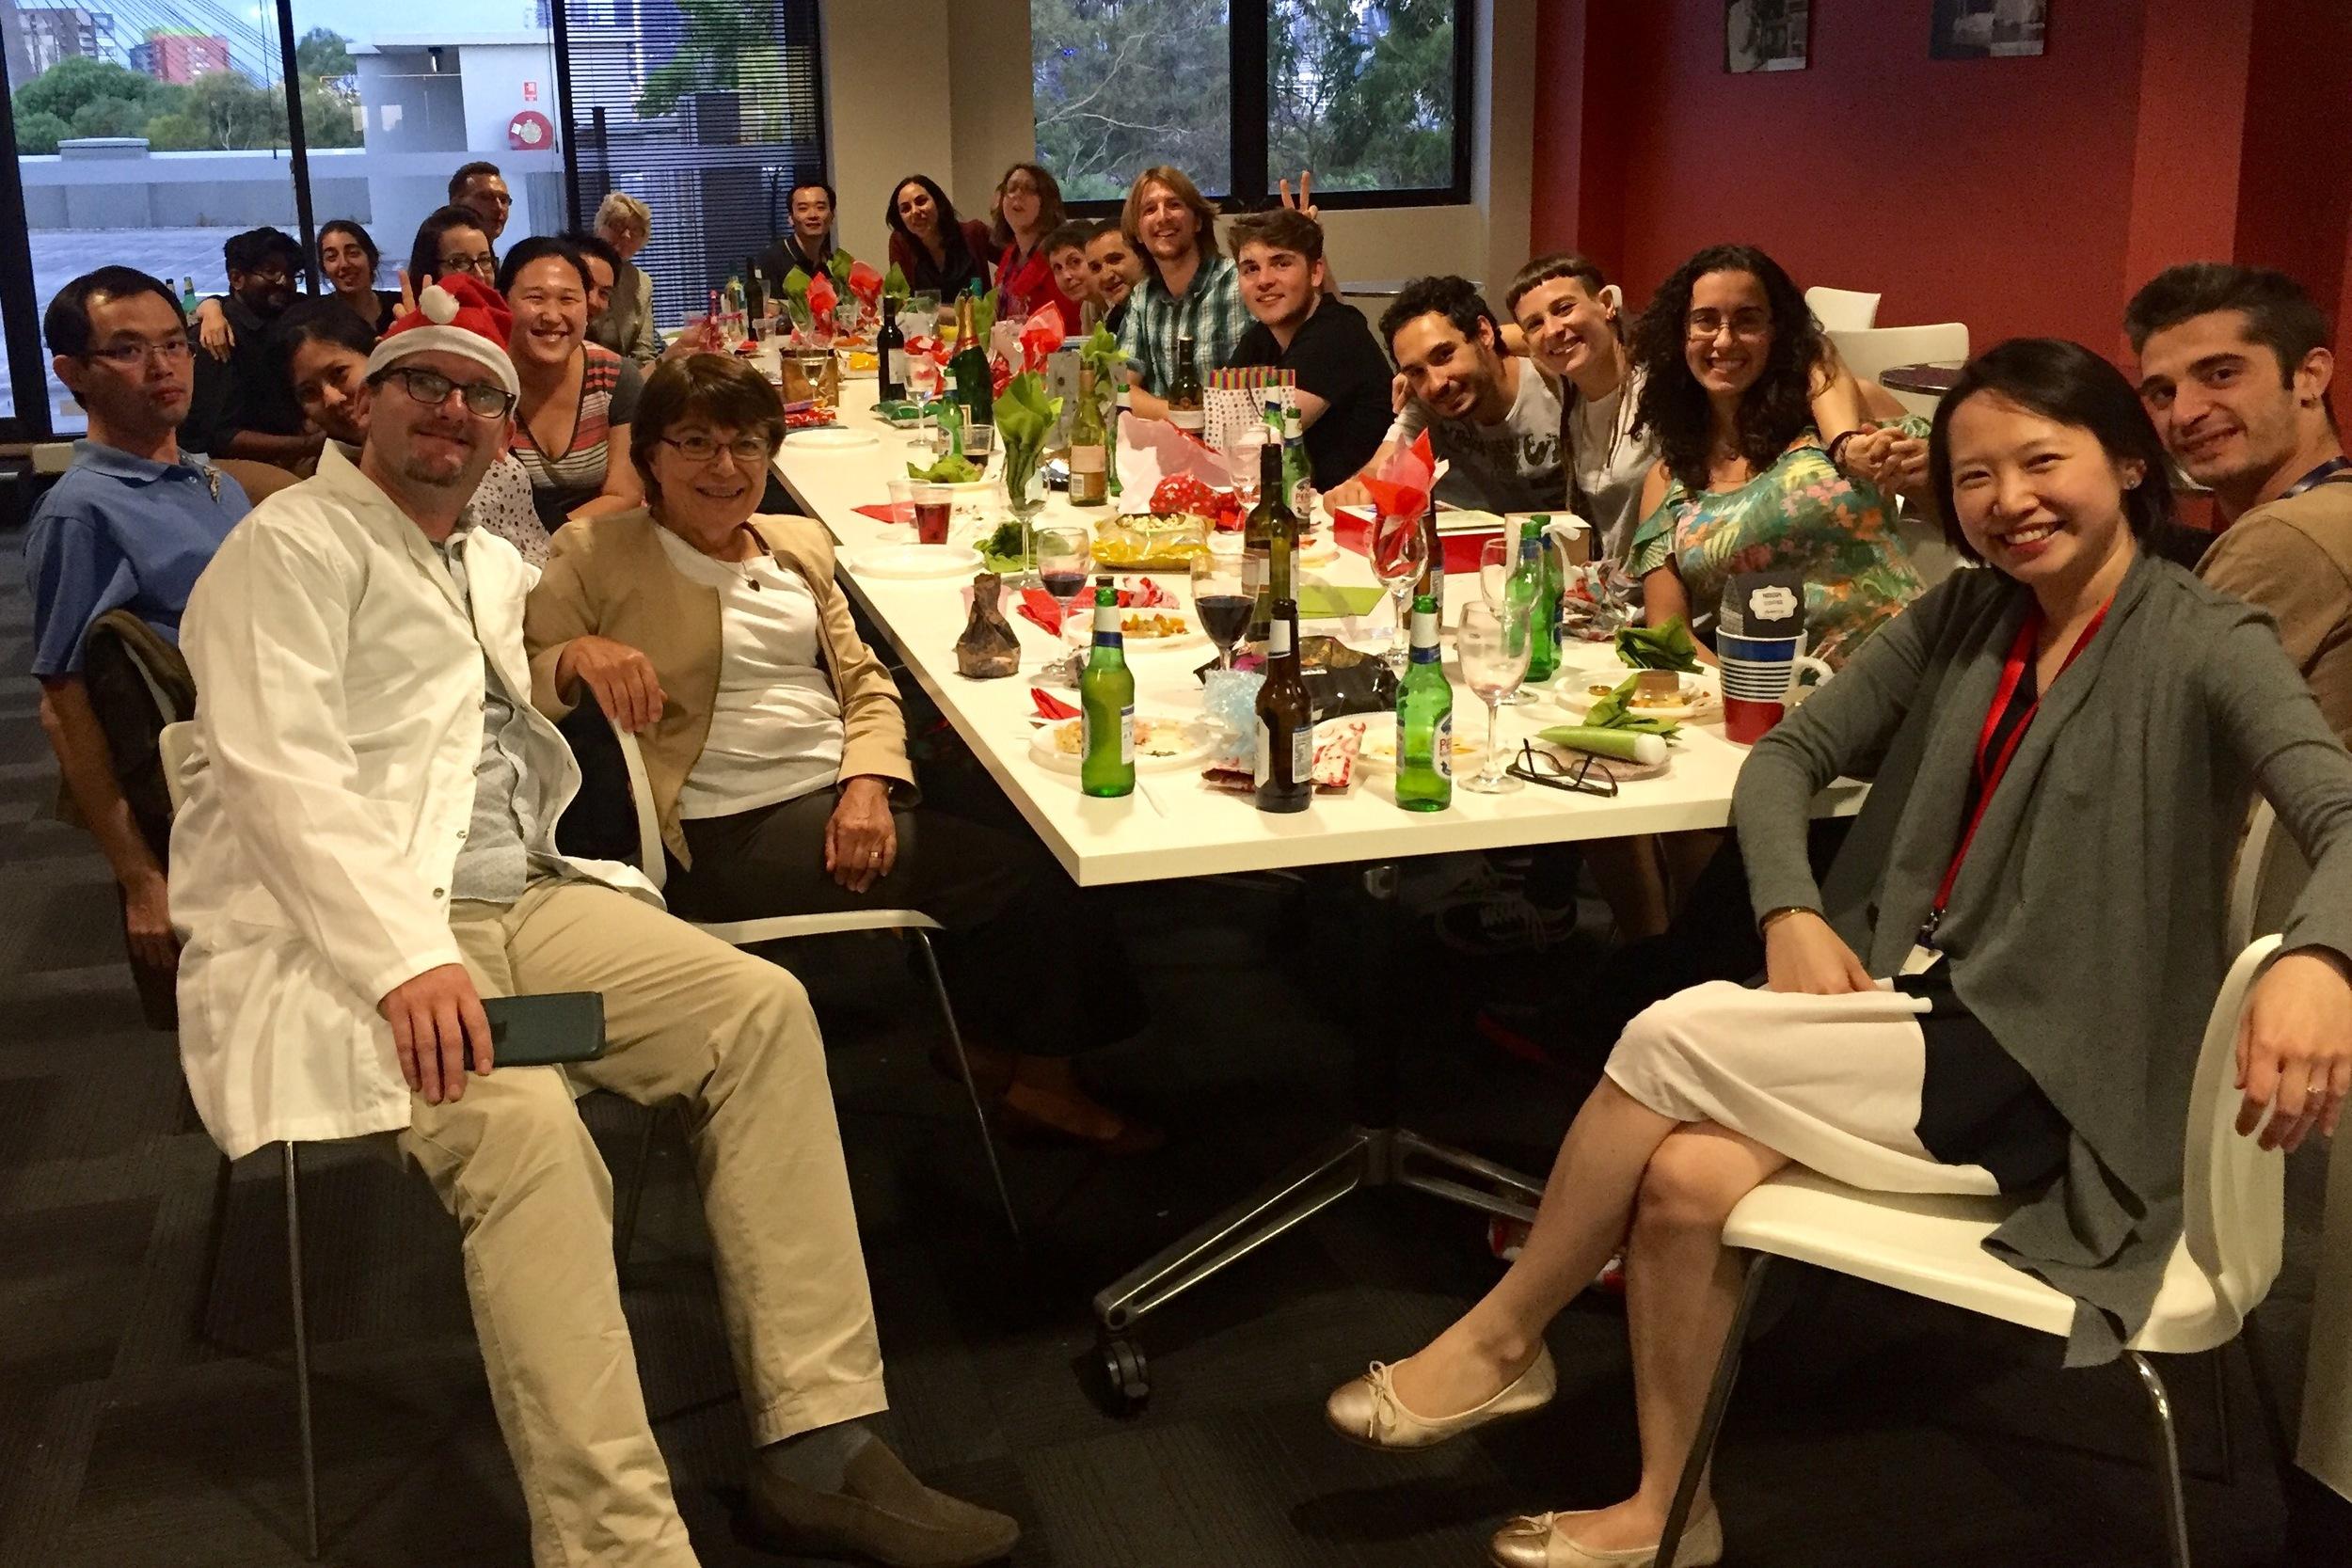 Group at Christmas.jpg